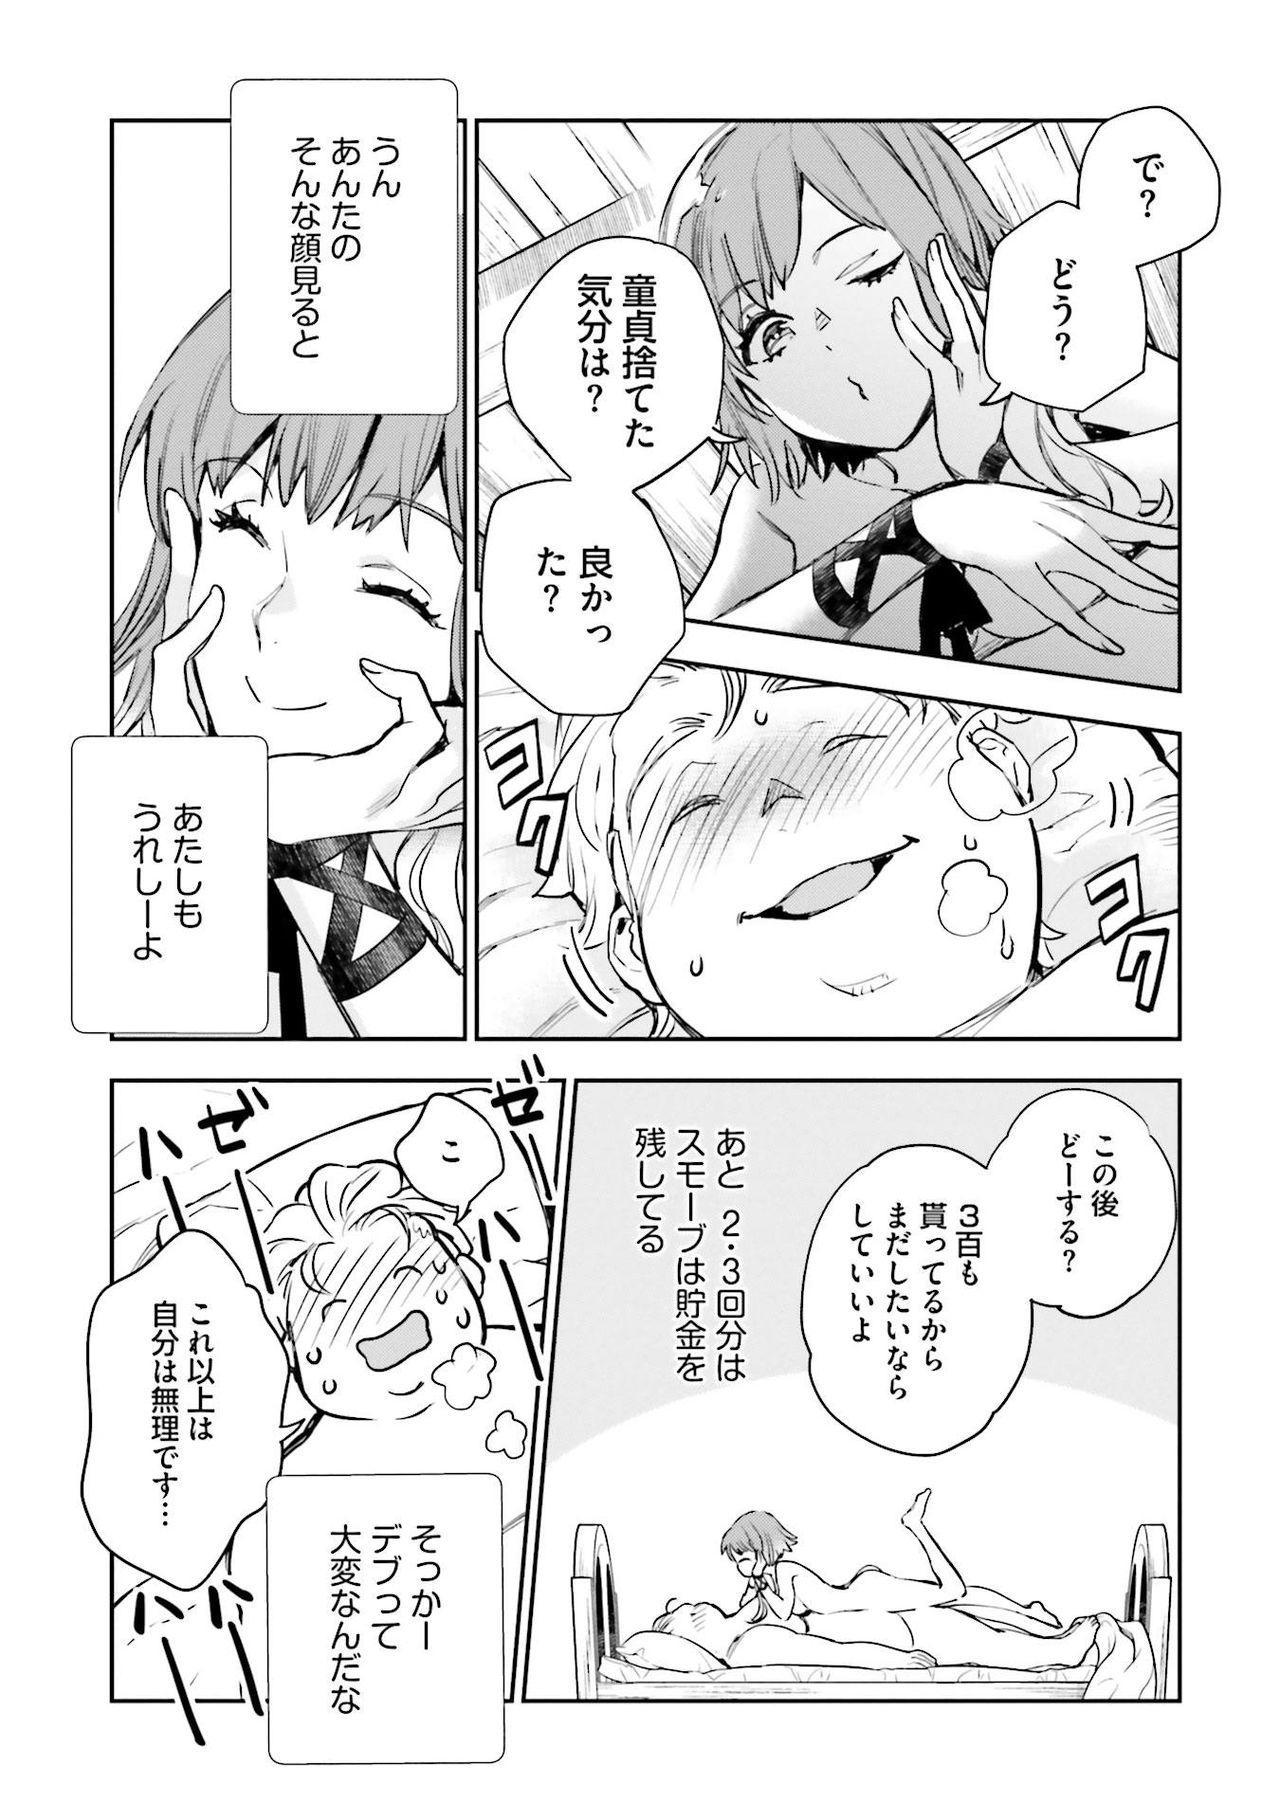 JK Haru wa Isekai de Shoufu ni Natta 1-14 289